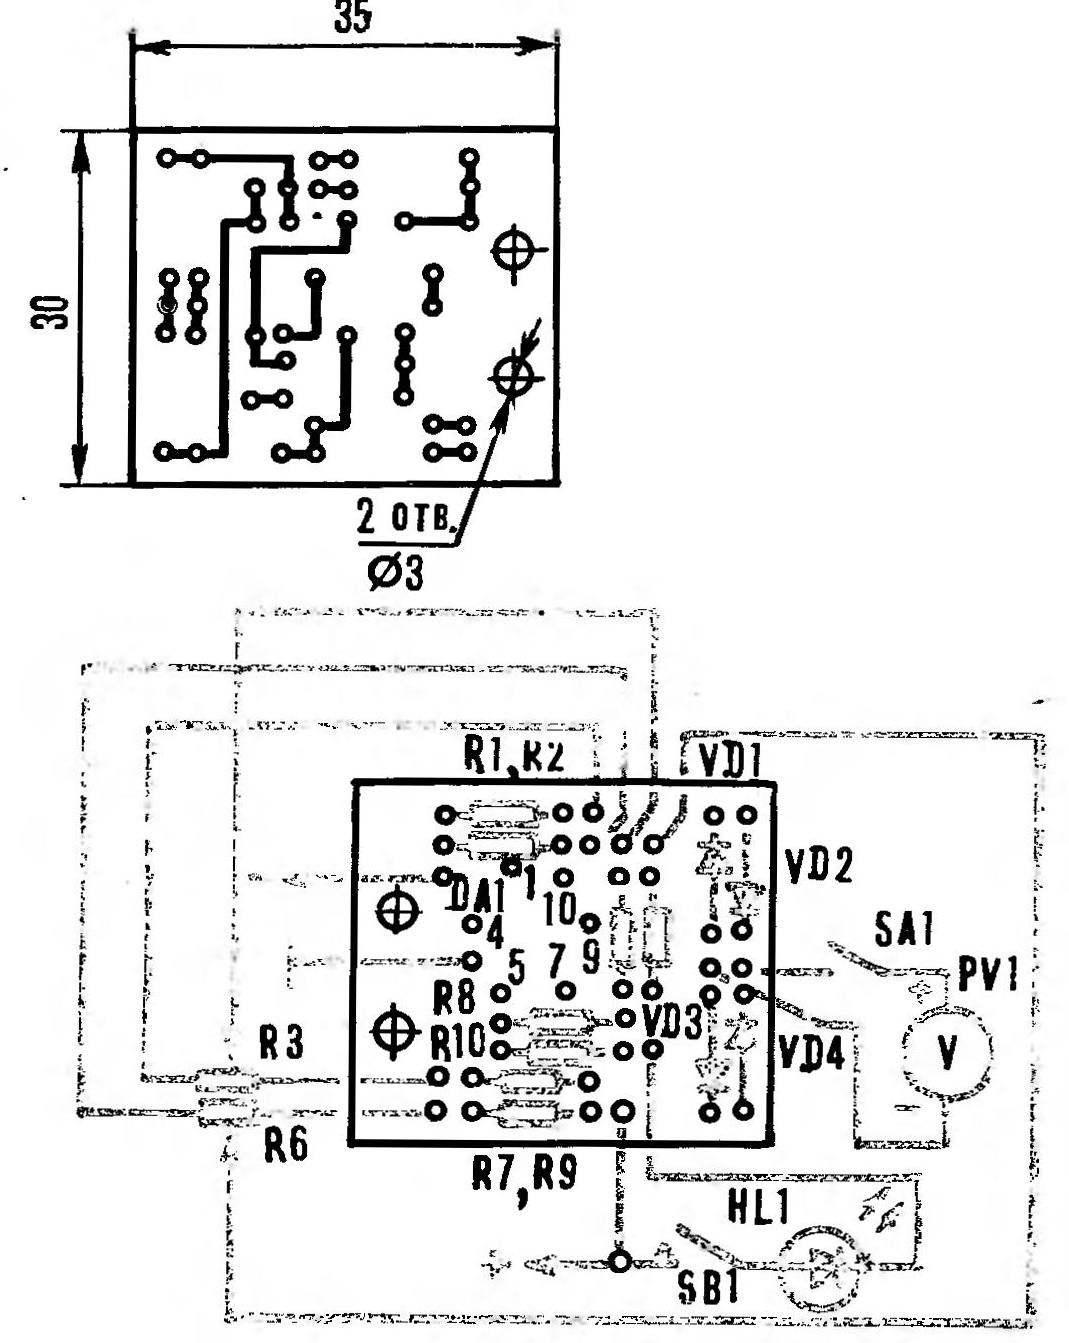 Р и с. 4. Монтажная плата игрового автомата со схемой расположения элементов